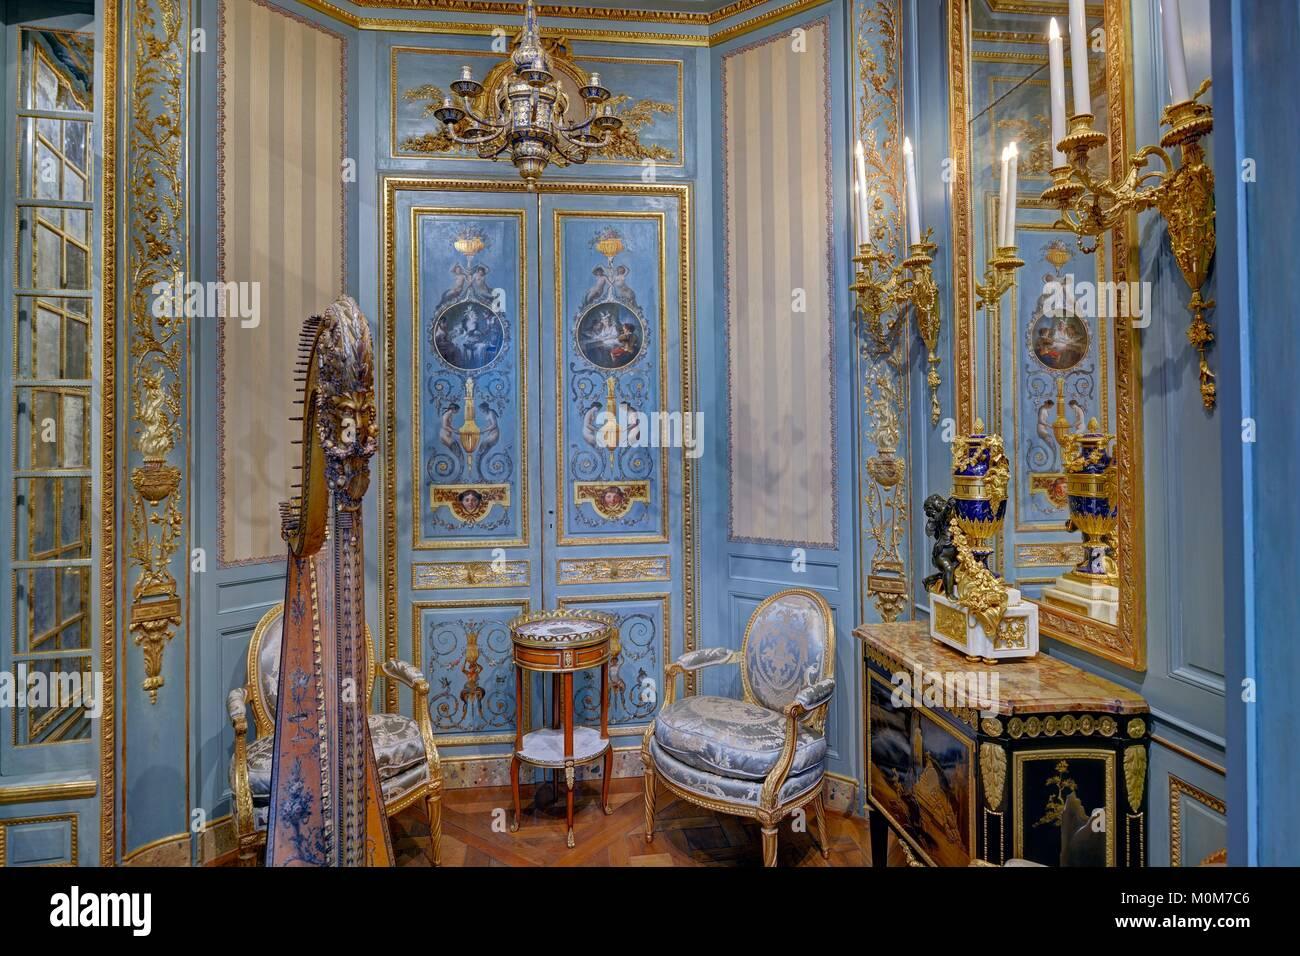 Paris 18th century stock photos paris 18th century stock images alamy - Museum decorative arts paris ...